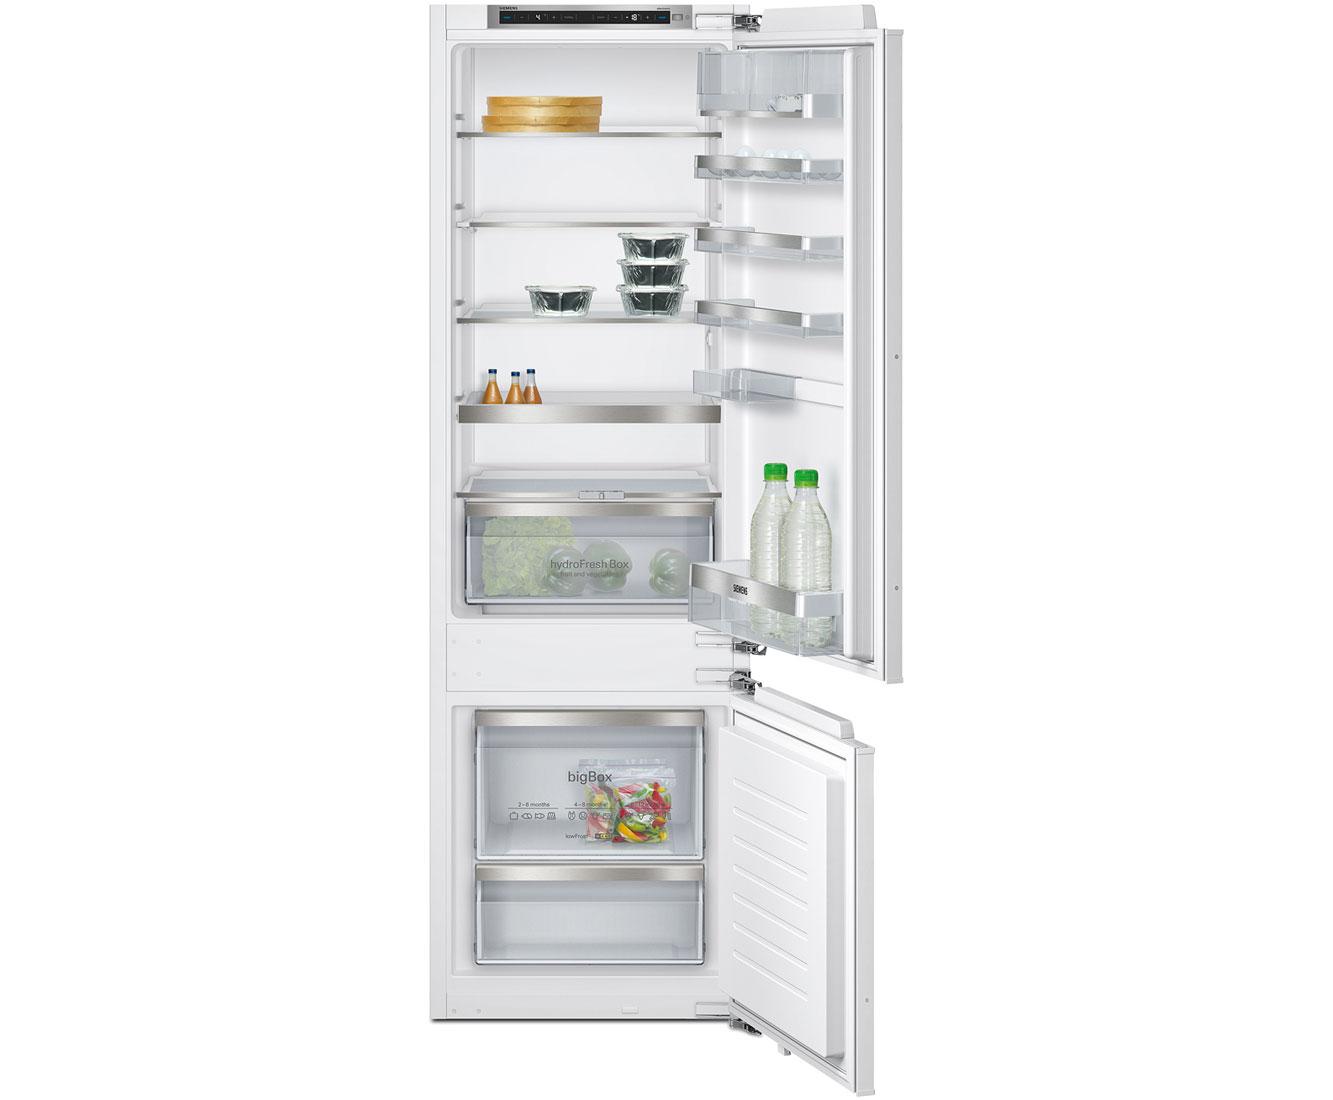 Siemens IQ500 KI87SAF30G Integrated Fridge Freezer in White